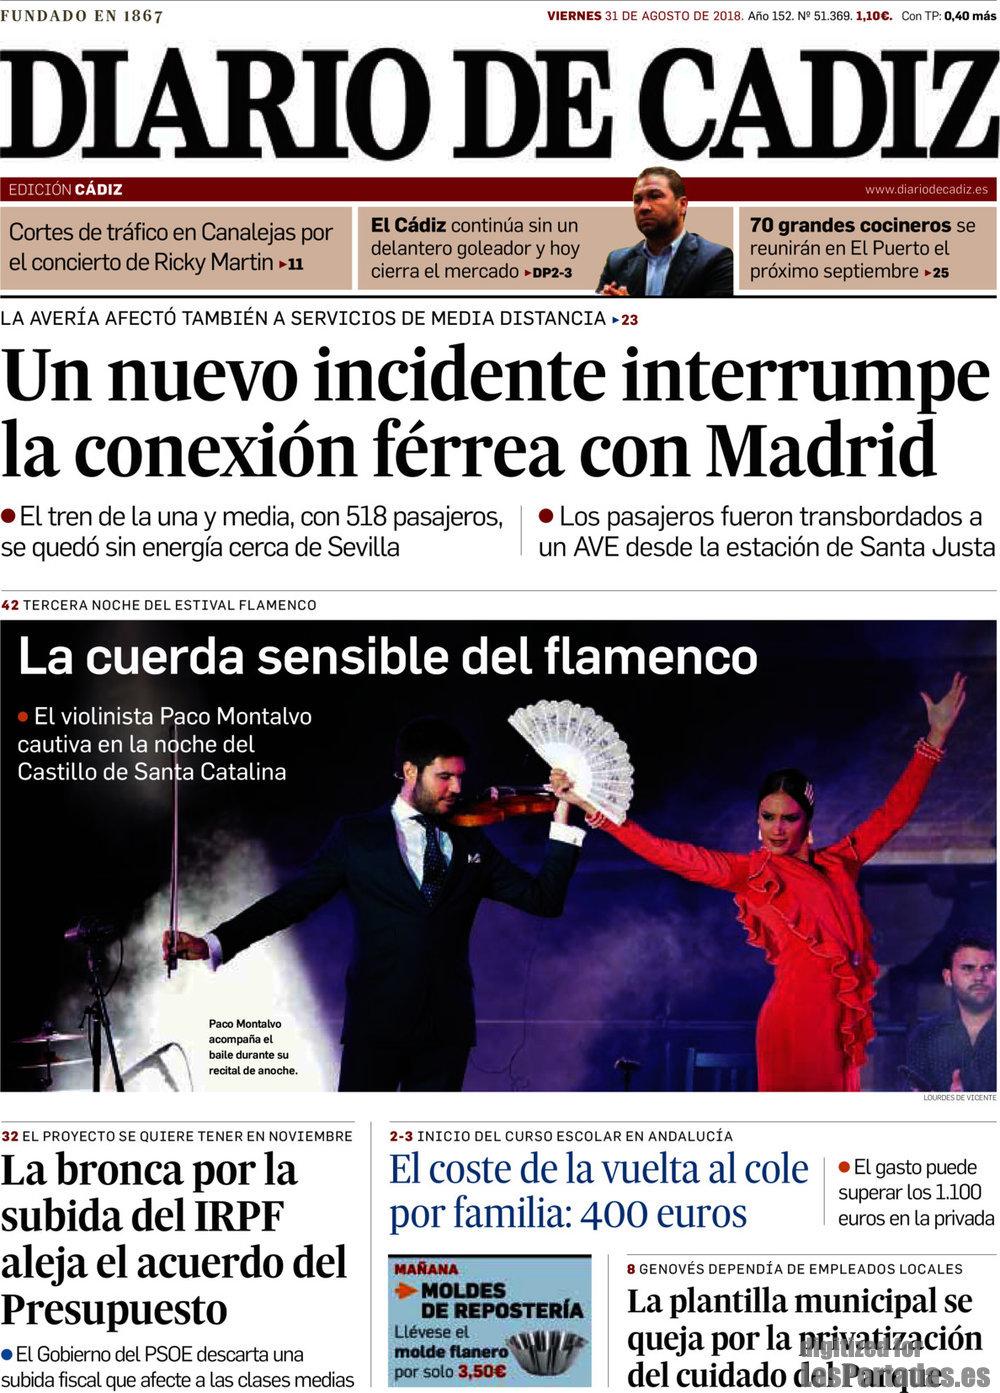 Periodico Diario de Cádiz - 31/8/2018